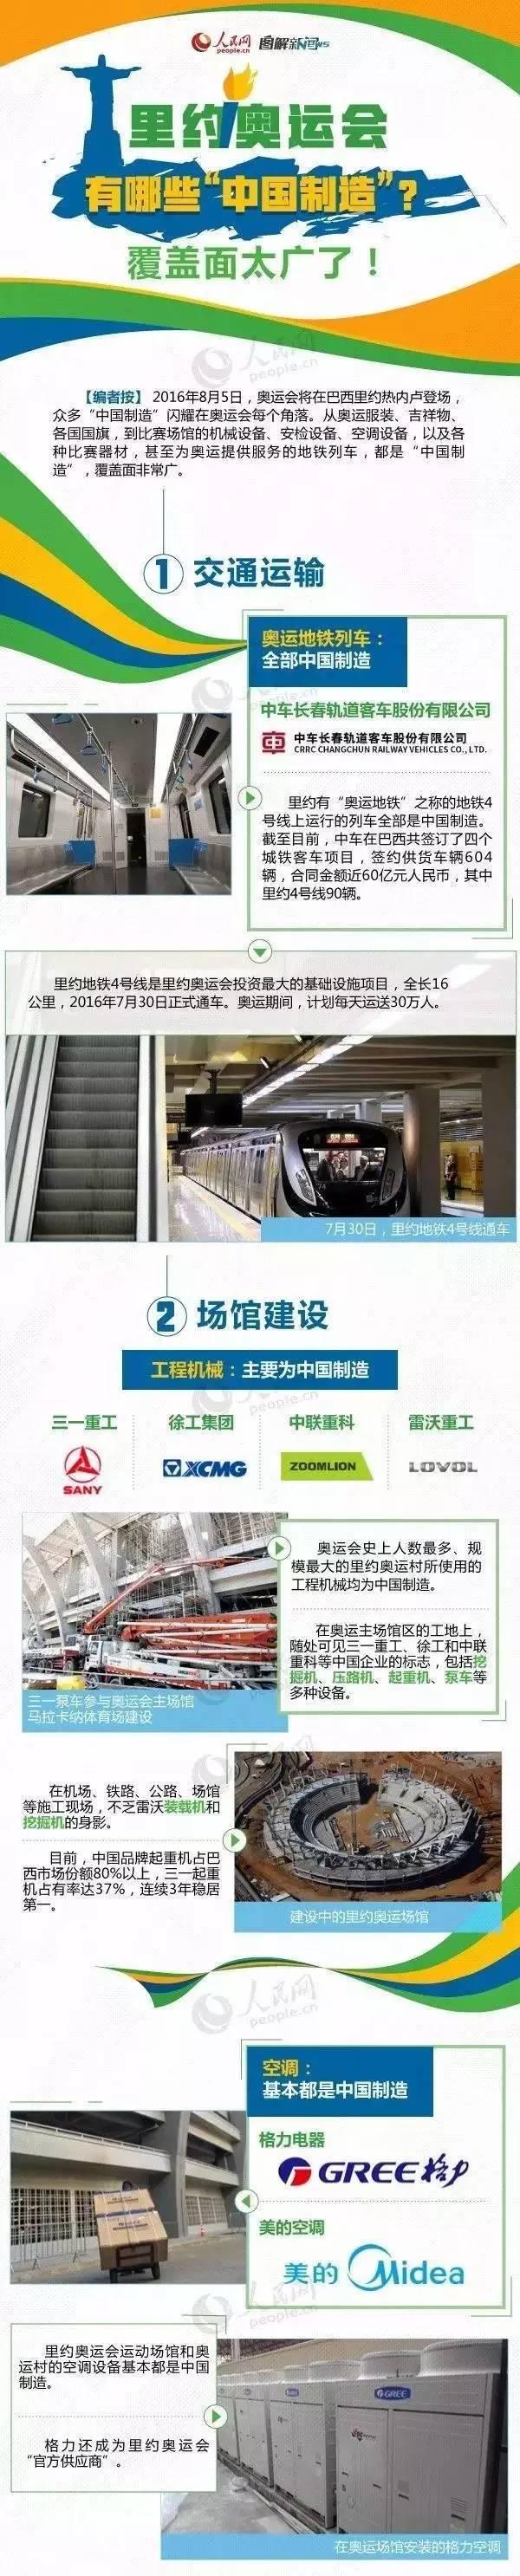 """【品牌】从里约奥运会看""""中国制造""""在国际市场中的""""品牌价值"""""""